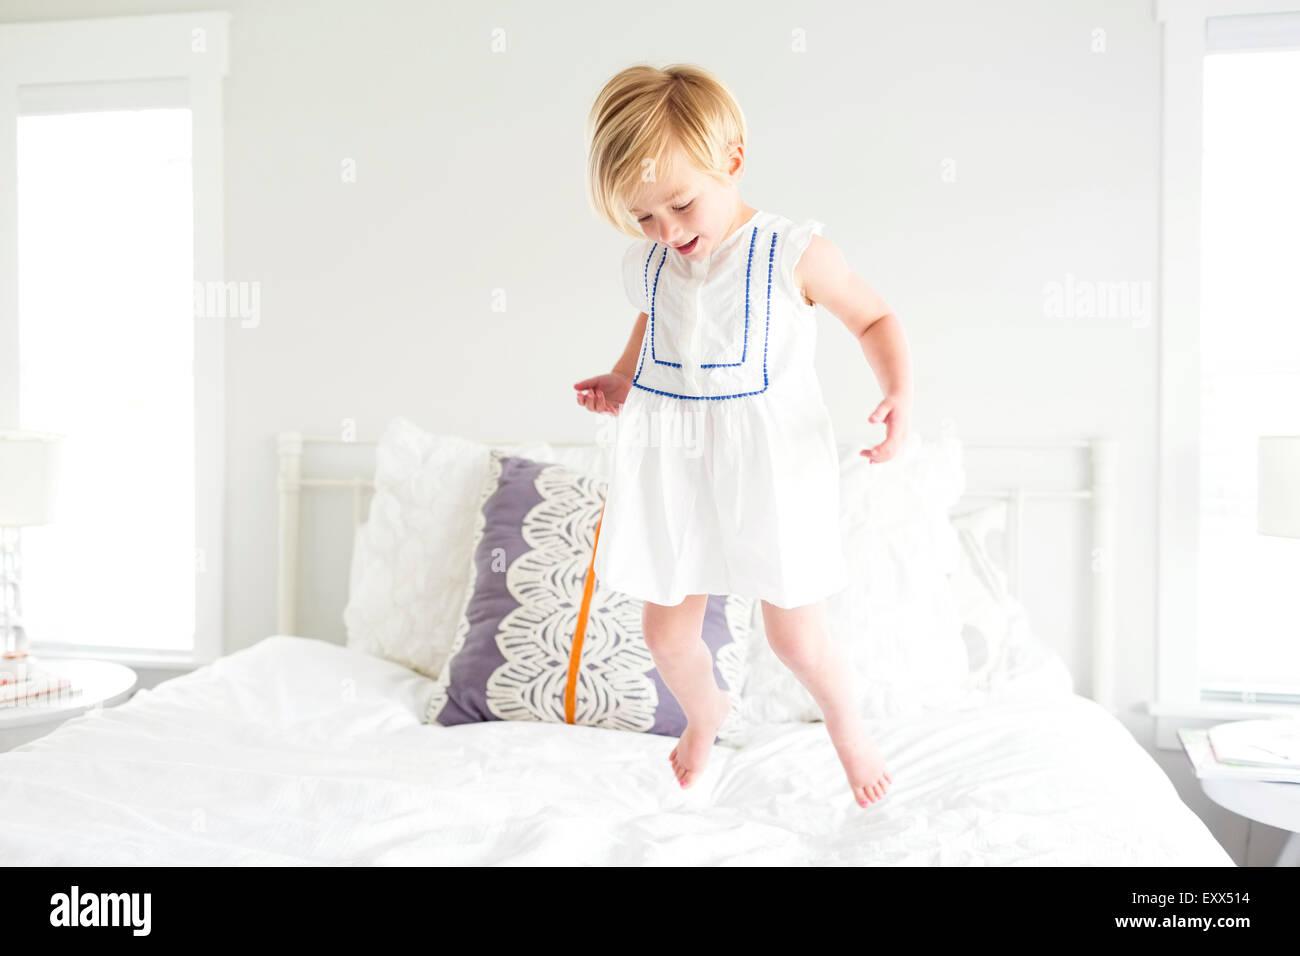 La ragazza (2-3) saltando sul letto Immagini Stock